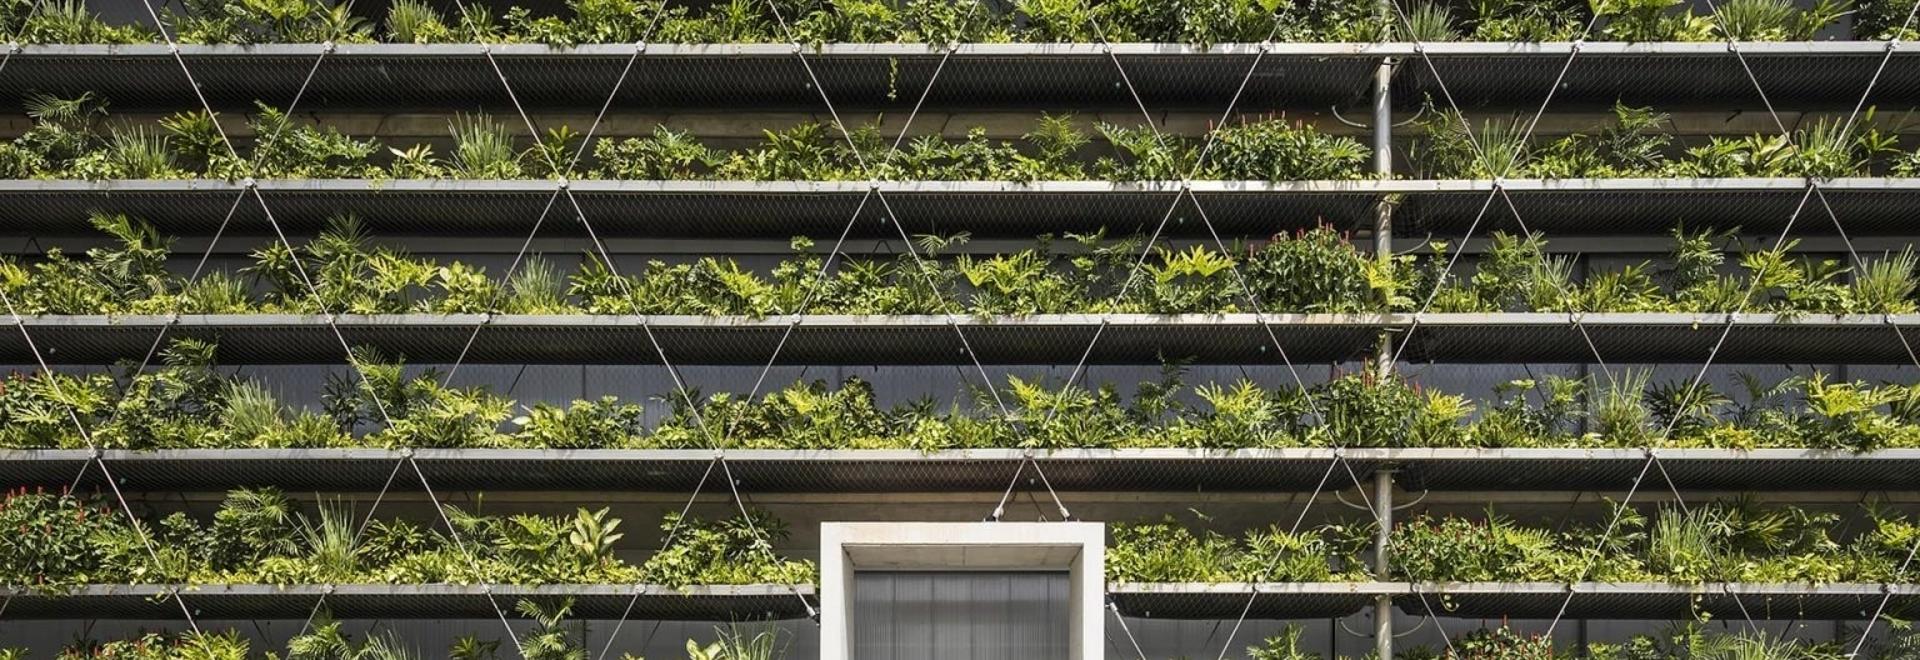 Le file di piante si allineano all'esterno di questa fabbrica